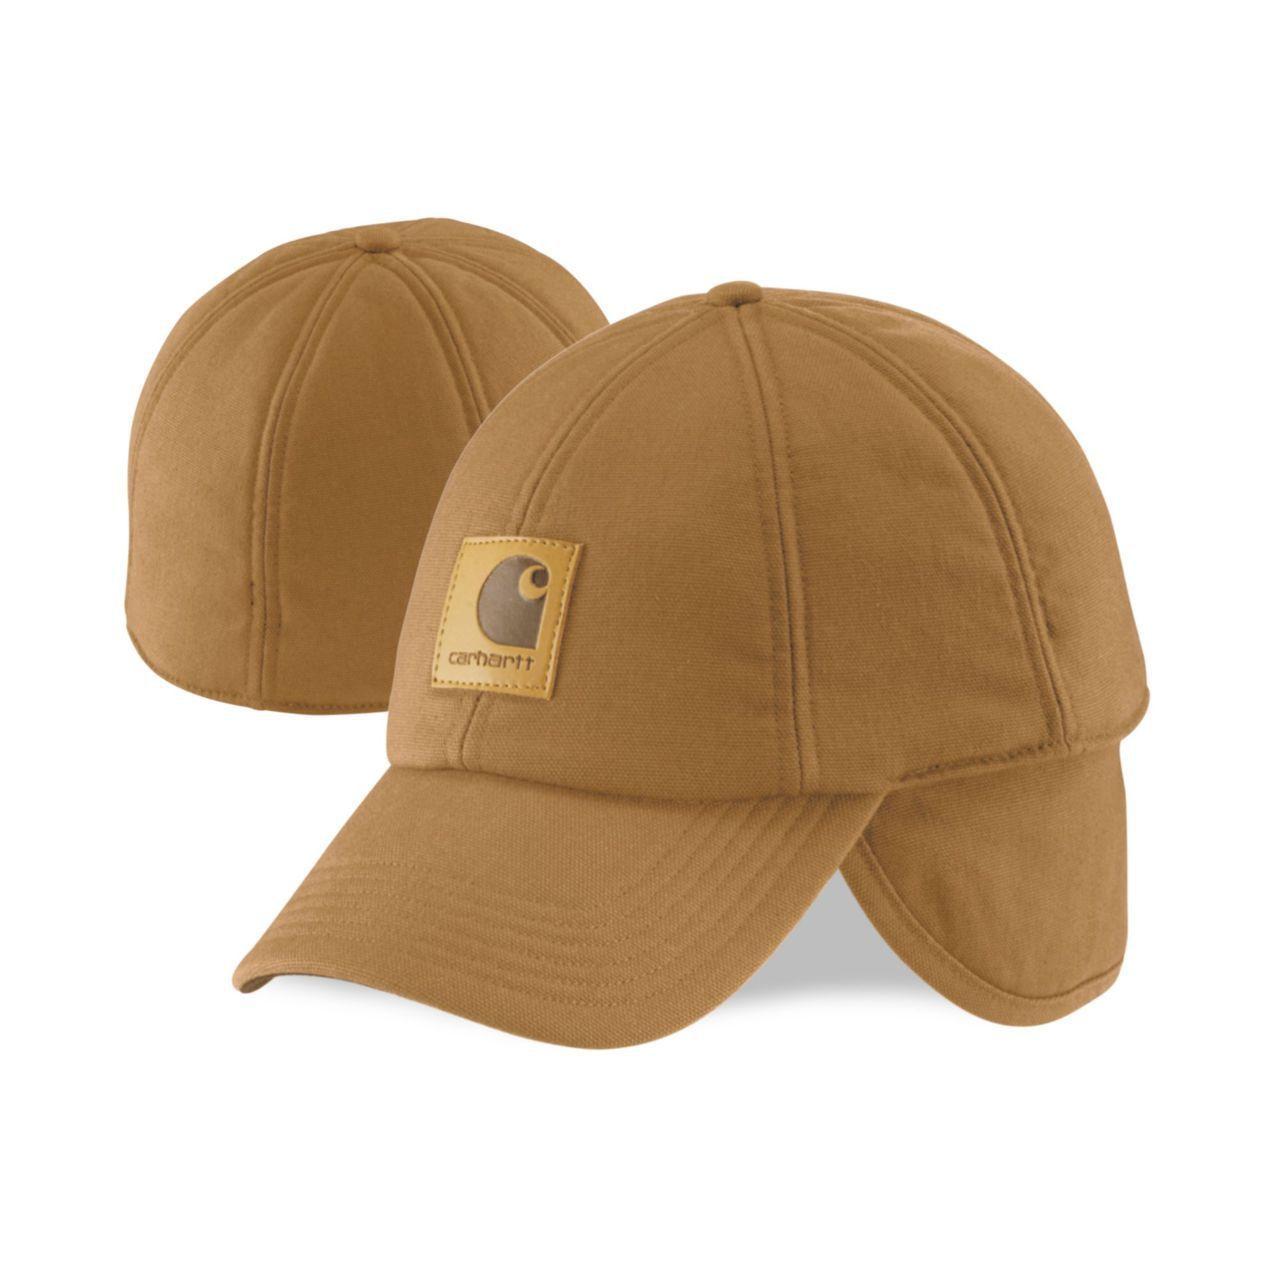 7a342a8f2 Ear-Flap Cap | Carhartt Base Layers | Carhartt, Baseball hats, Cap